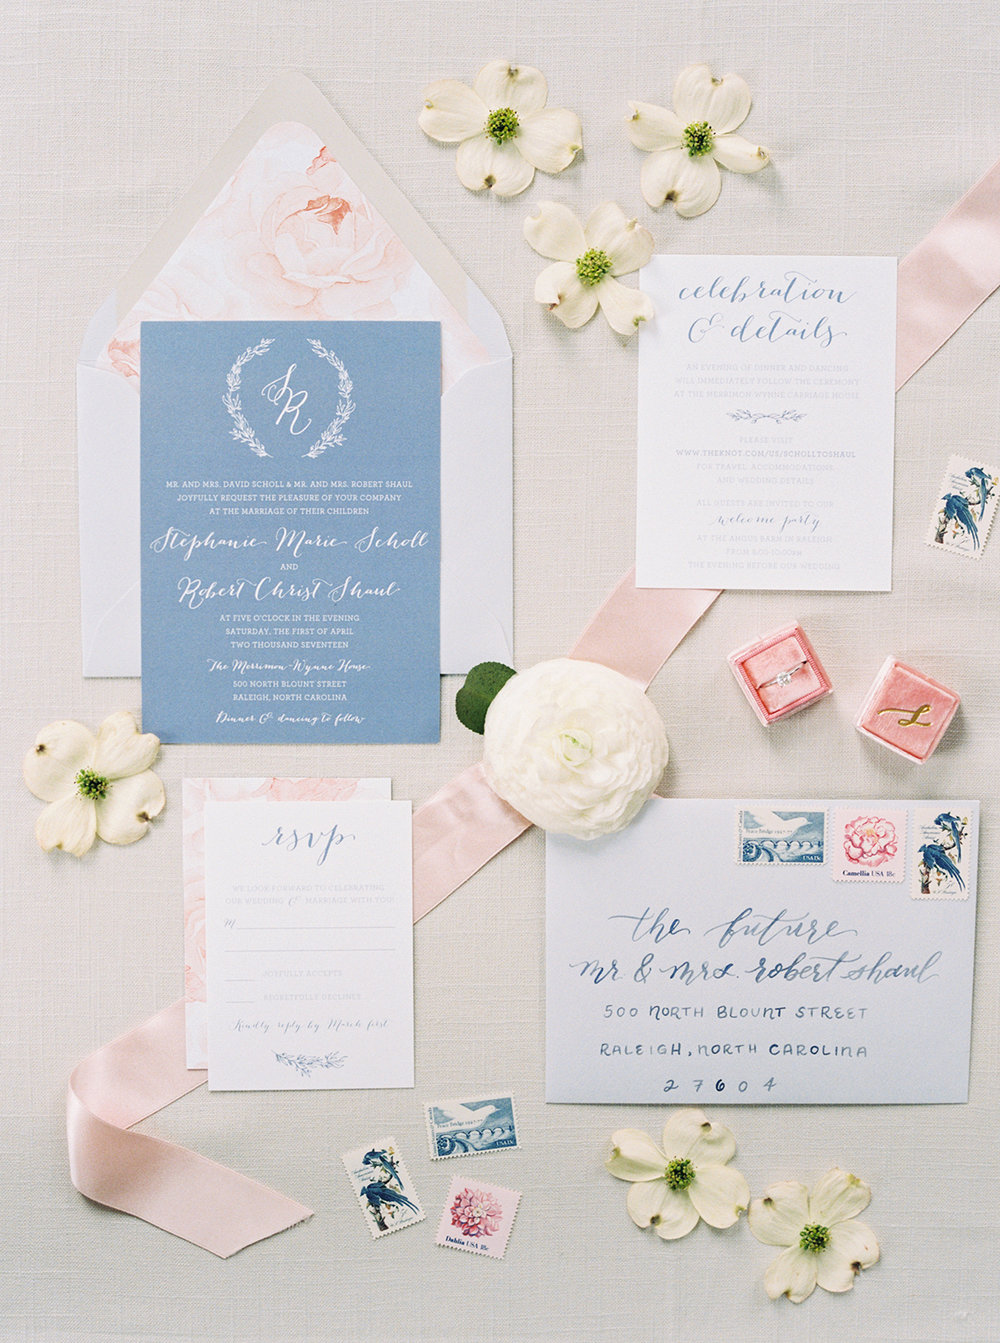 Southern Weddings   Merrimon-Wynne Wedding by Ally & Bobby